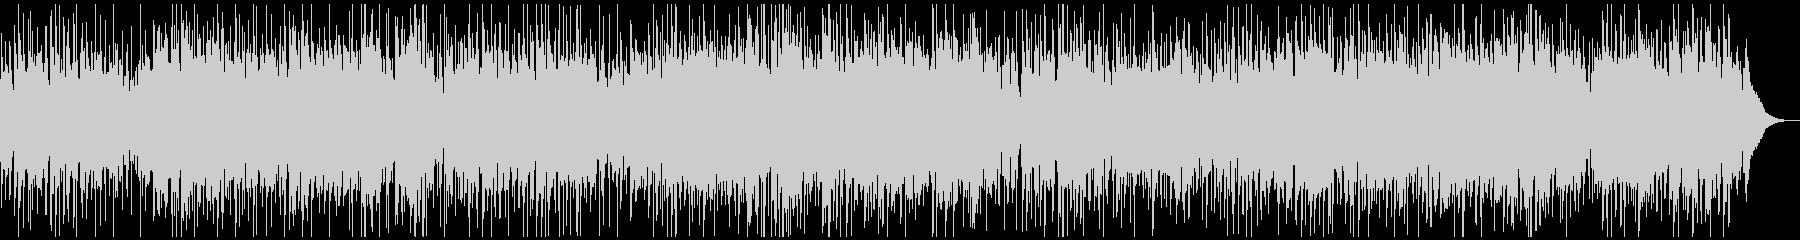 ほのぼのマンドリン、カントリーフォークの未再生の波形